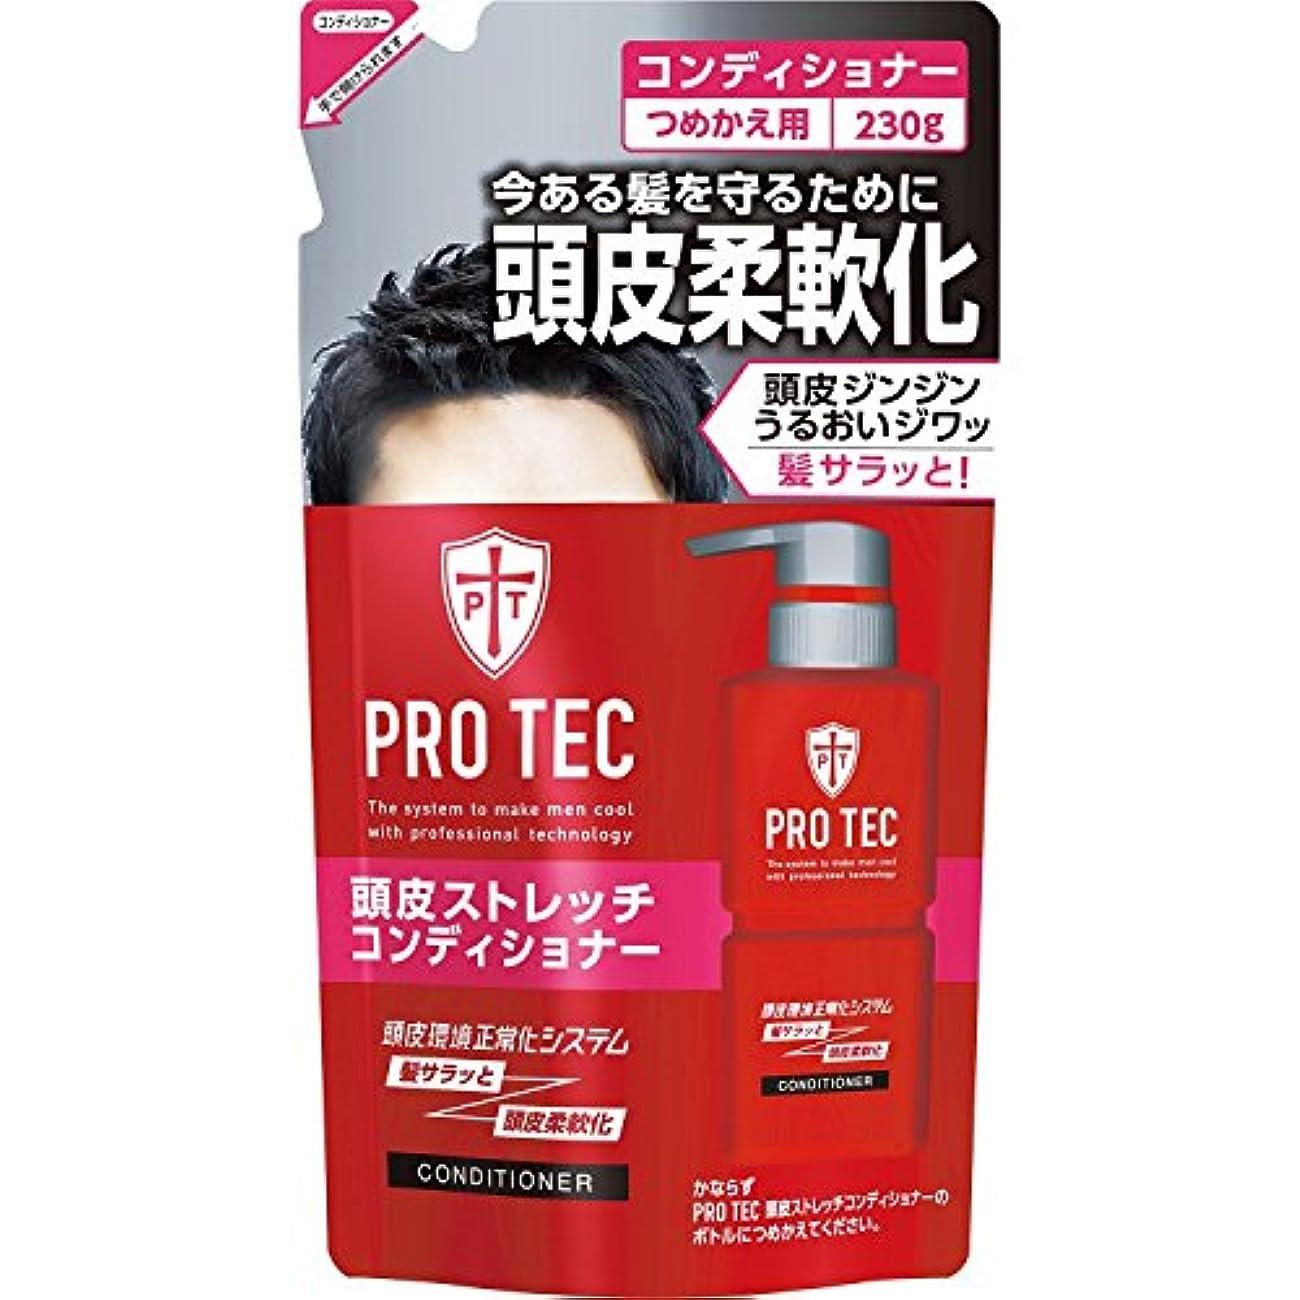 サーフィンぬるい段階PRO TEC(プロテク) 頭皮ストレッチ コンディショナー 詰め替え 230g